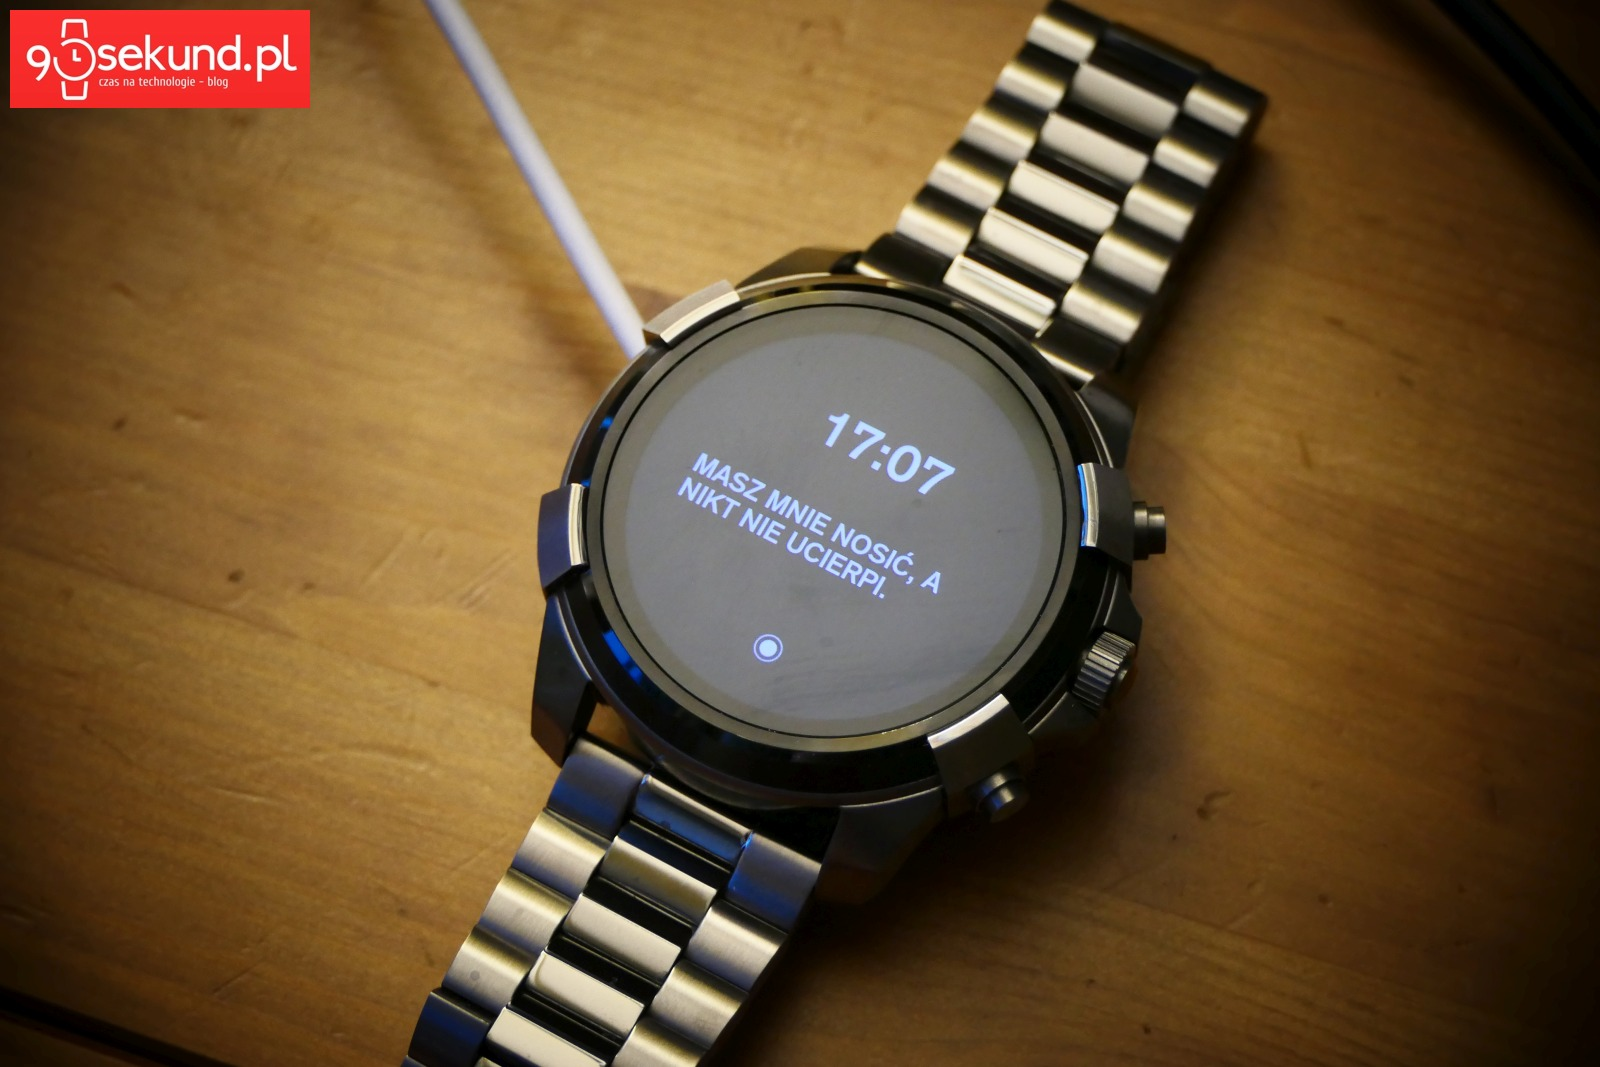 Komunikaty, które generuje aplikacja T-ON-I na smartwatchu Diesel On Full Guard 2.0 - Michał Brożyński 90sekund.pl